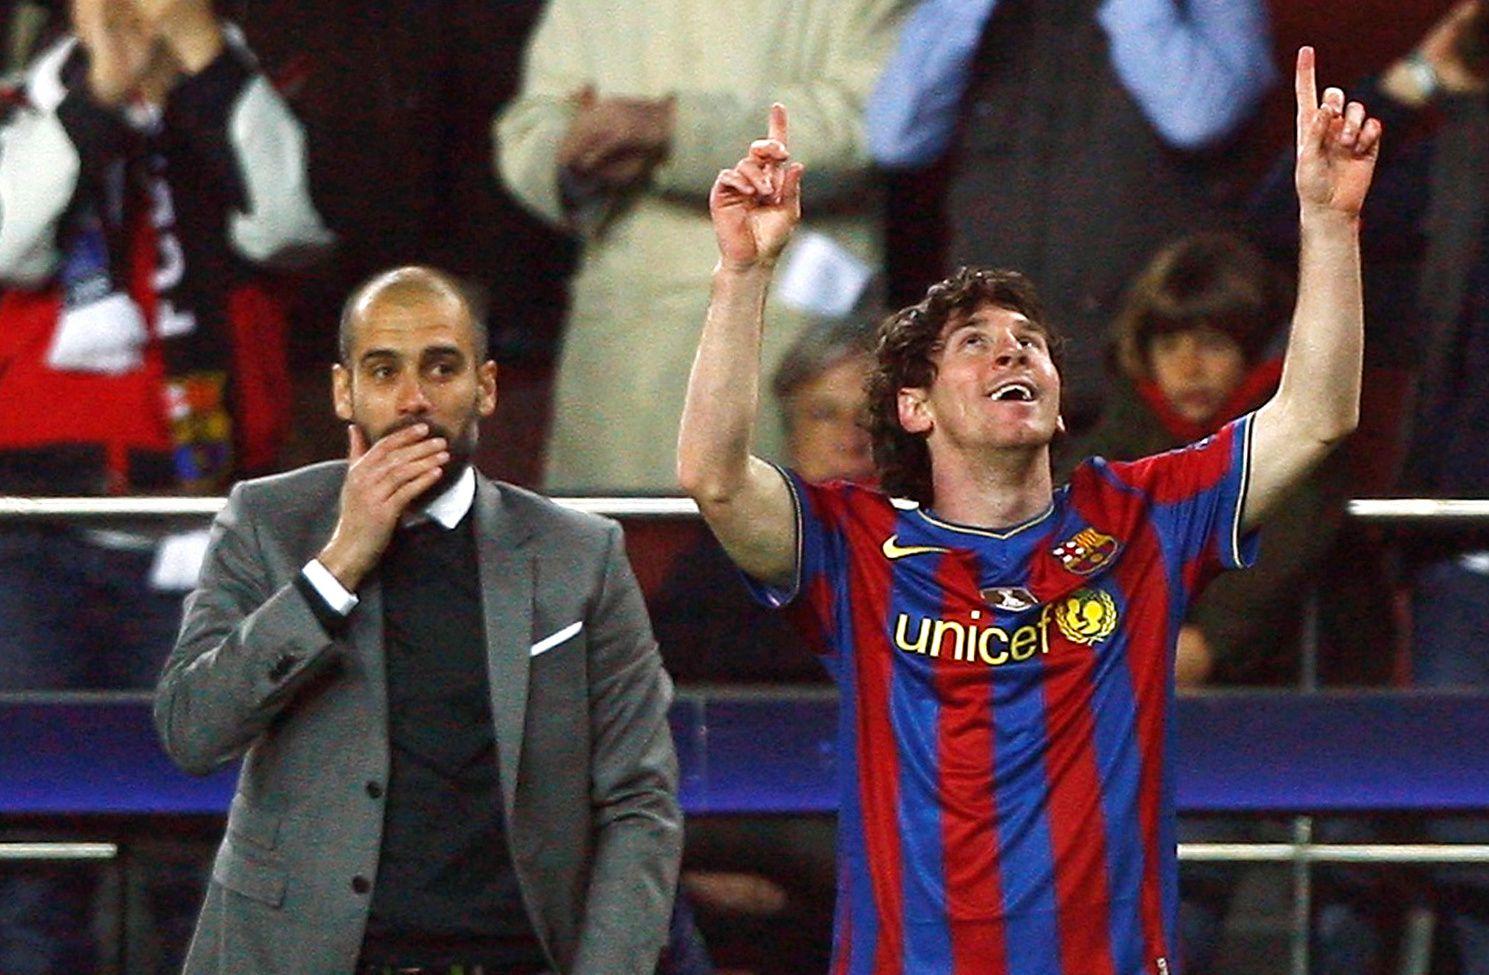 Fantino sostuvo que Messi únicamente aceptó ser el número dos de Guardiola y de nadie más REUTERS/Albert Gea